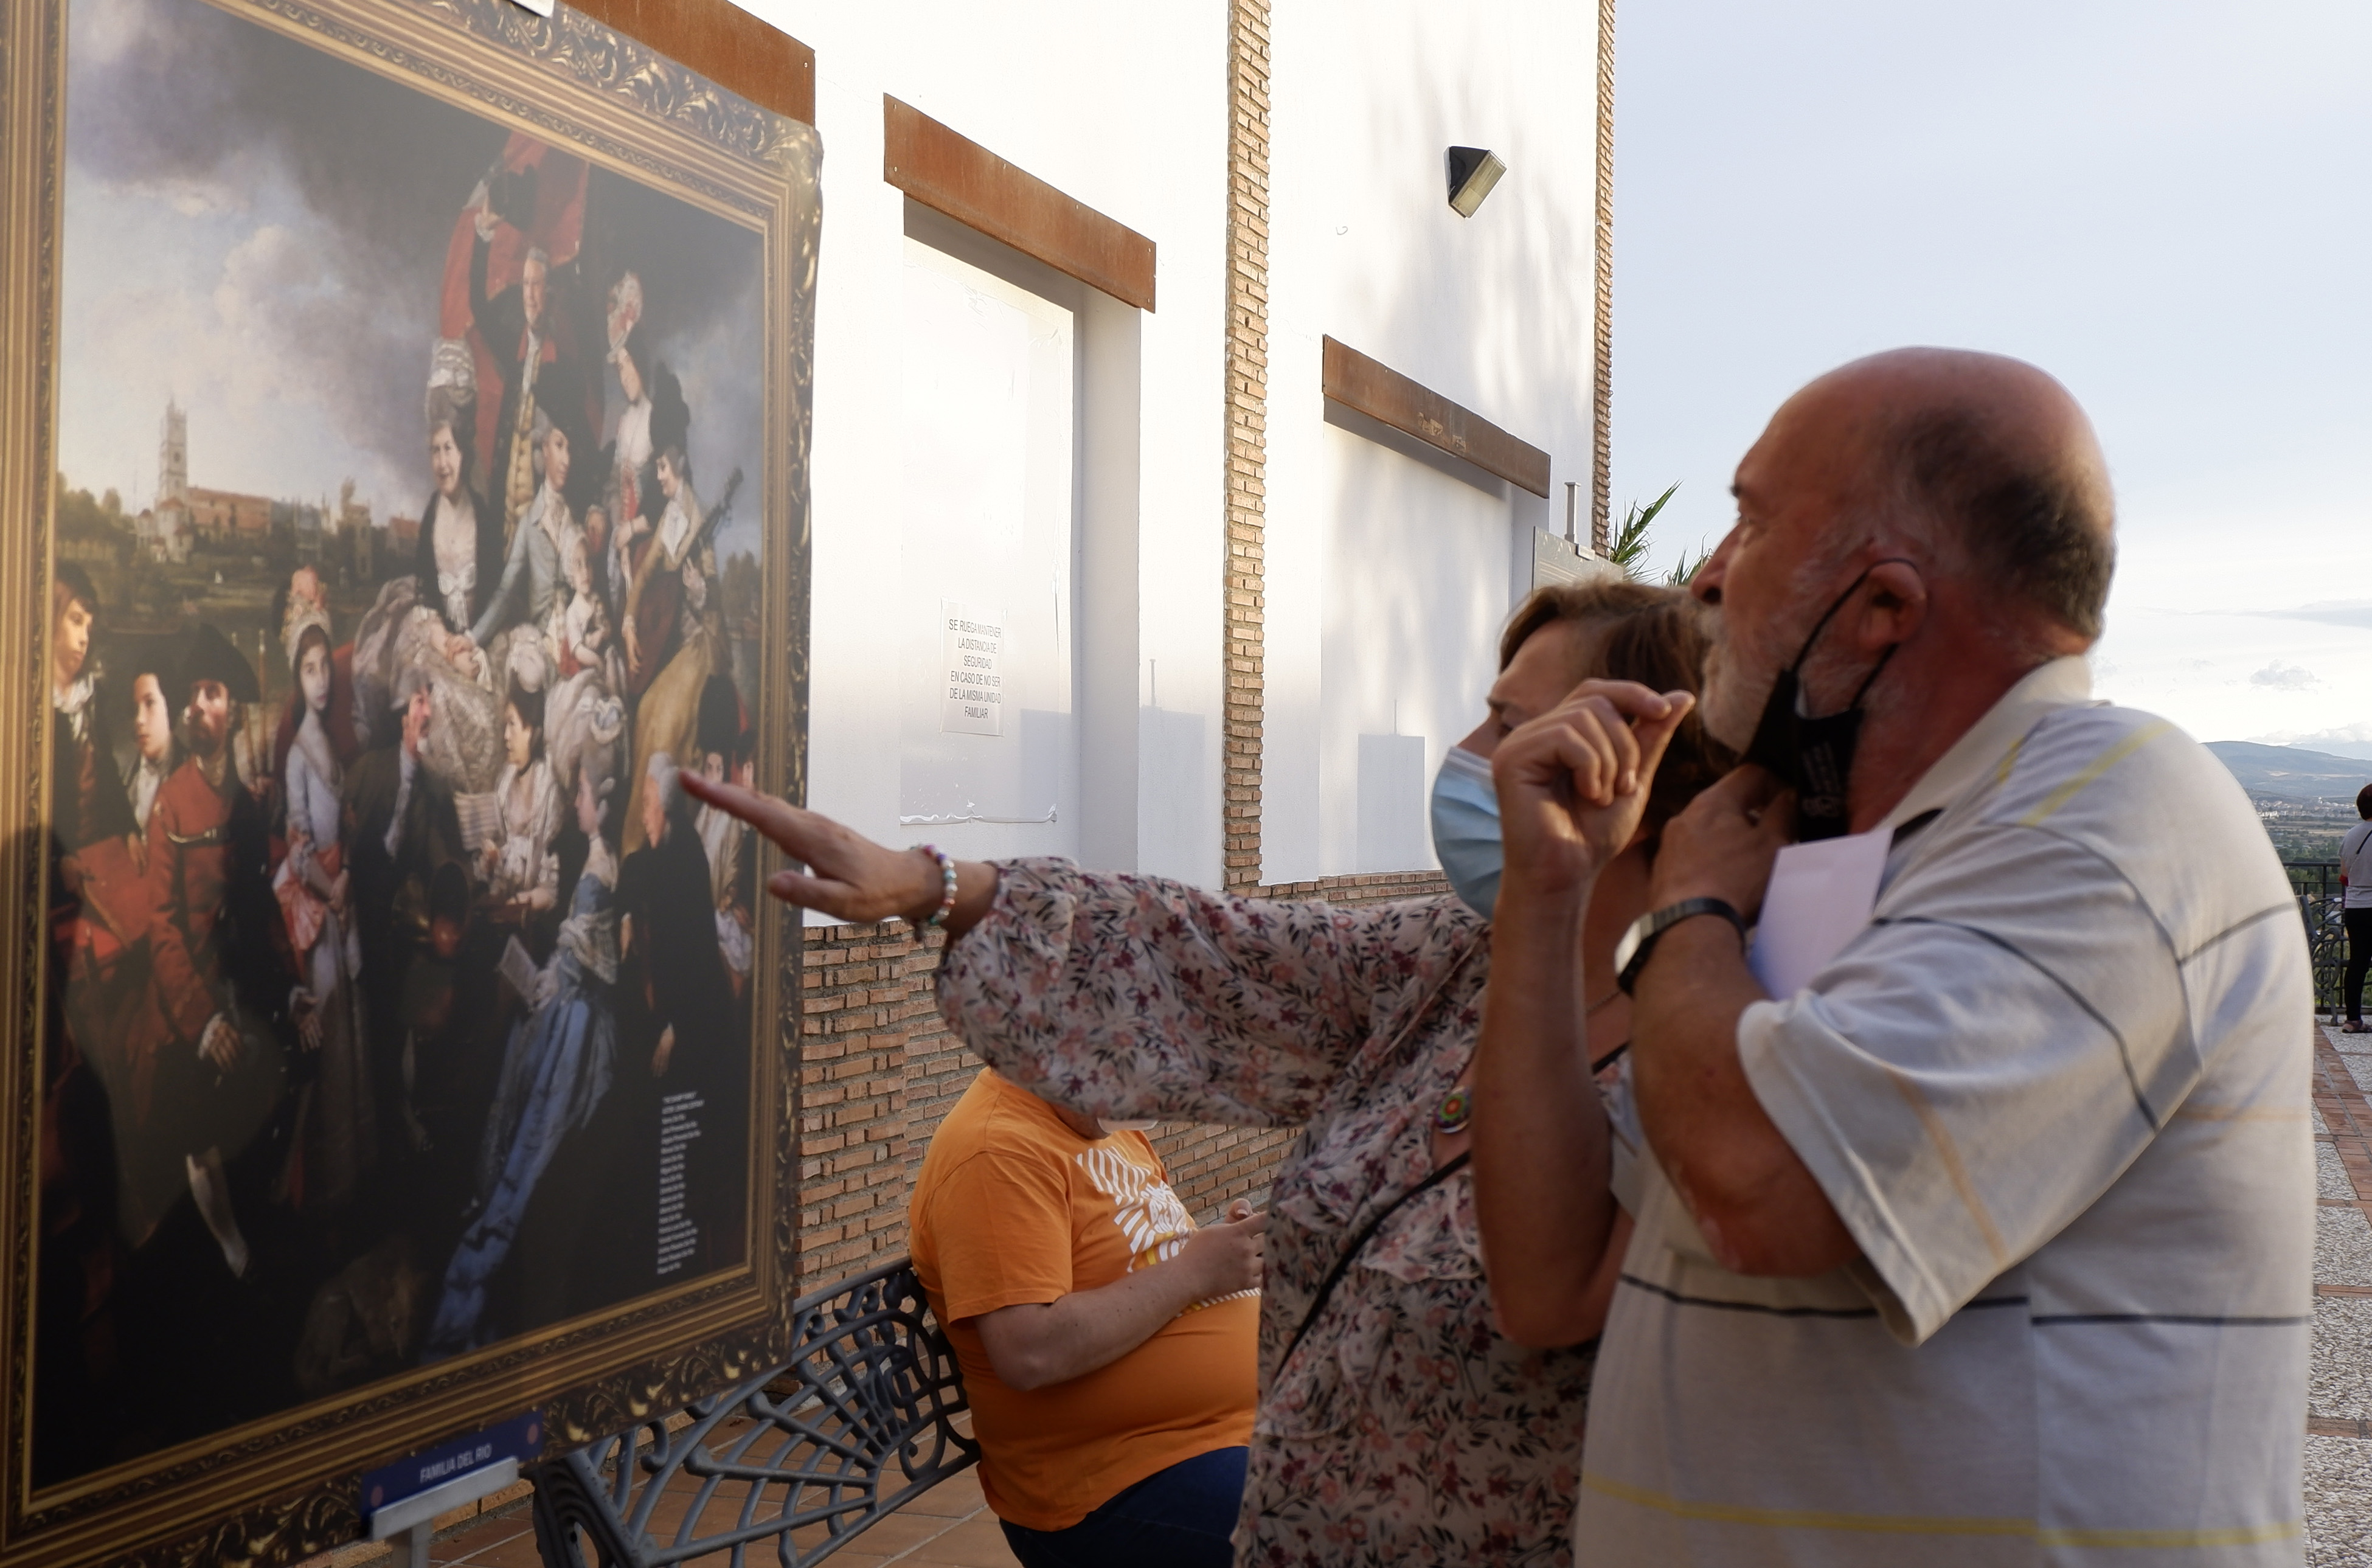 Veinte apellidos hueteños protagonizan una exposición con versiones de obras de la pintura universal